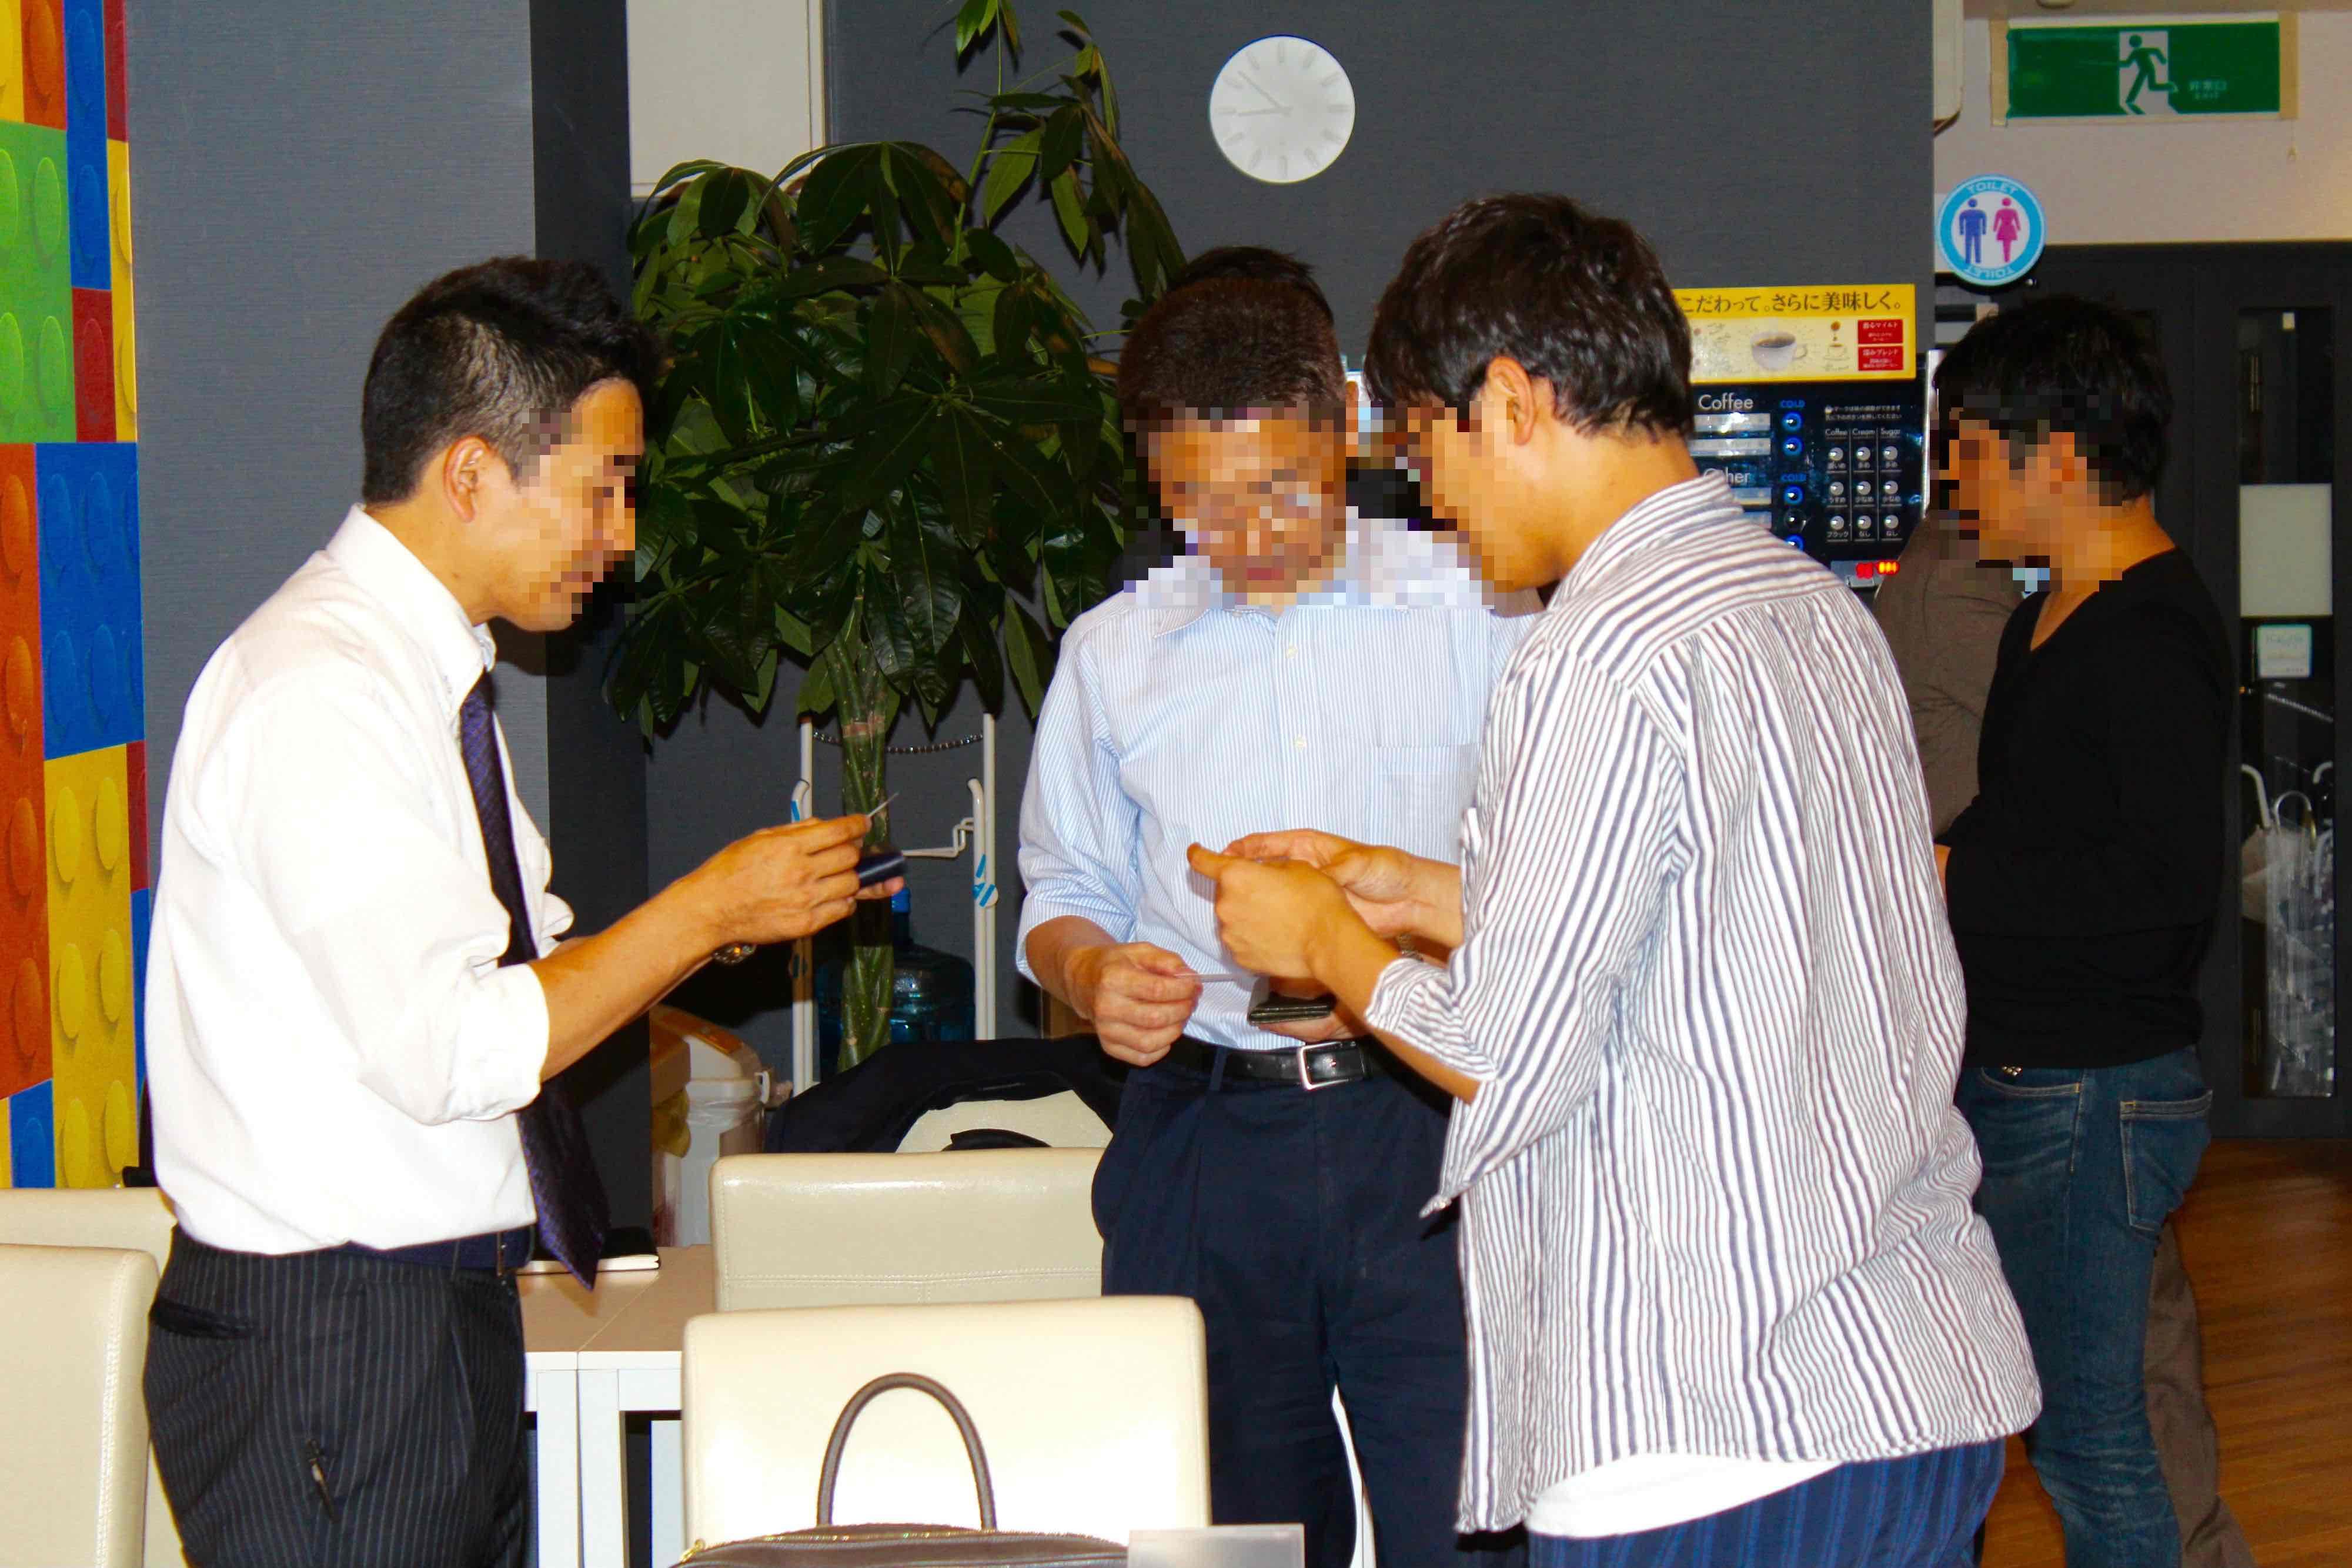 第45回名古屋異業種交流会、名刺交換会イベントレポートその2